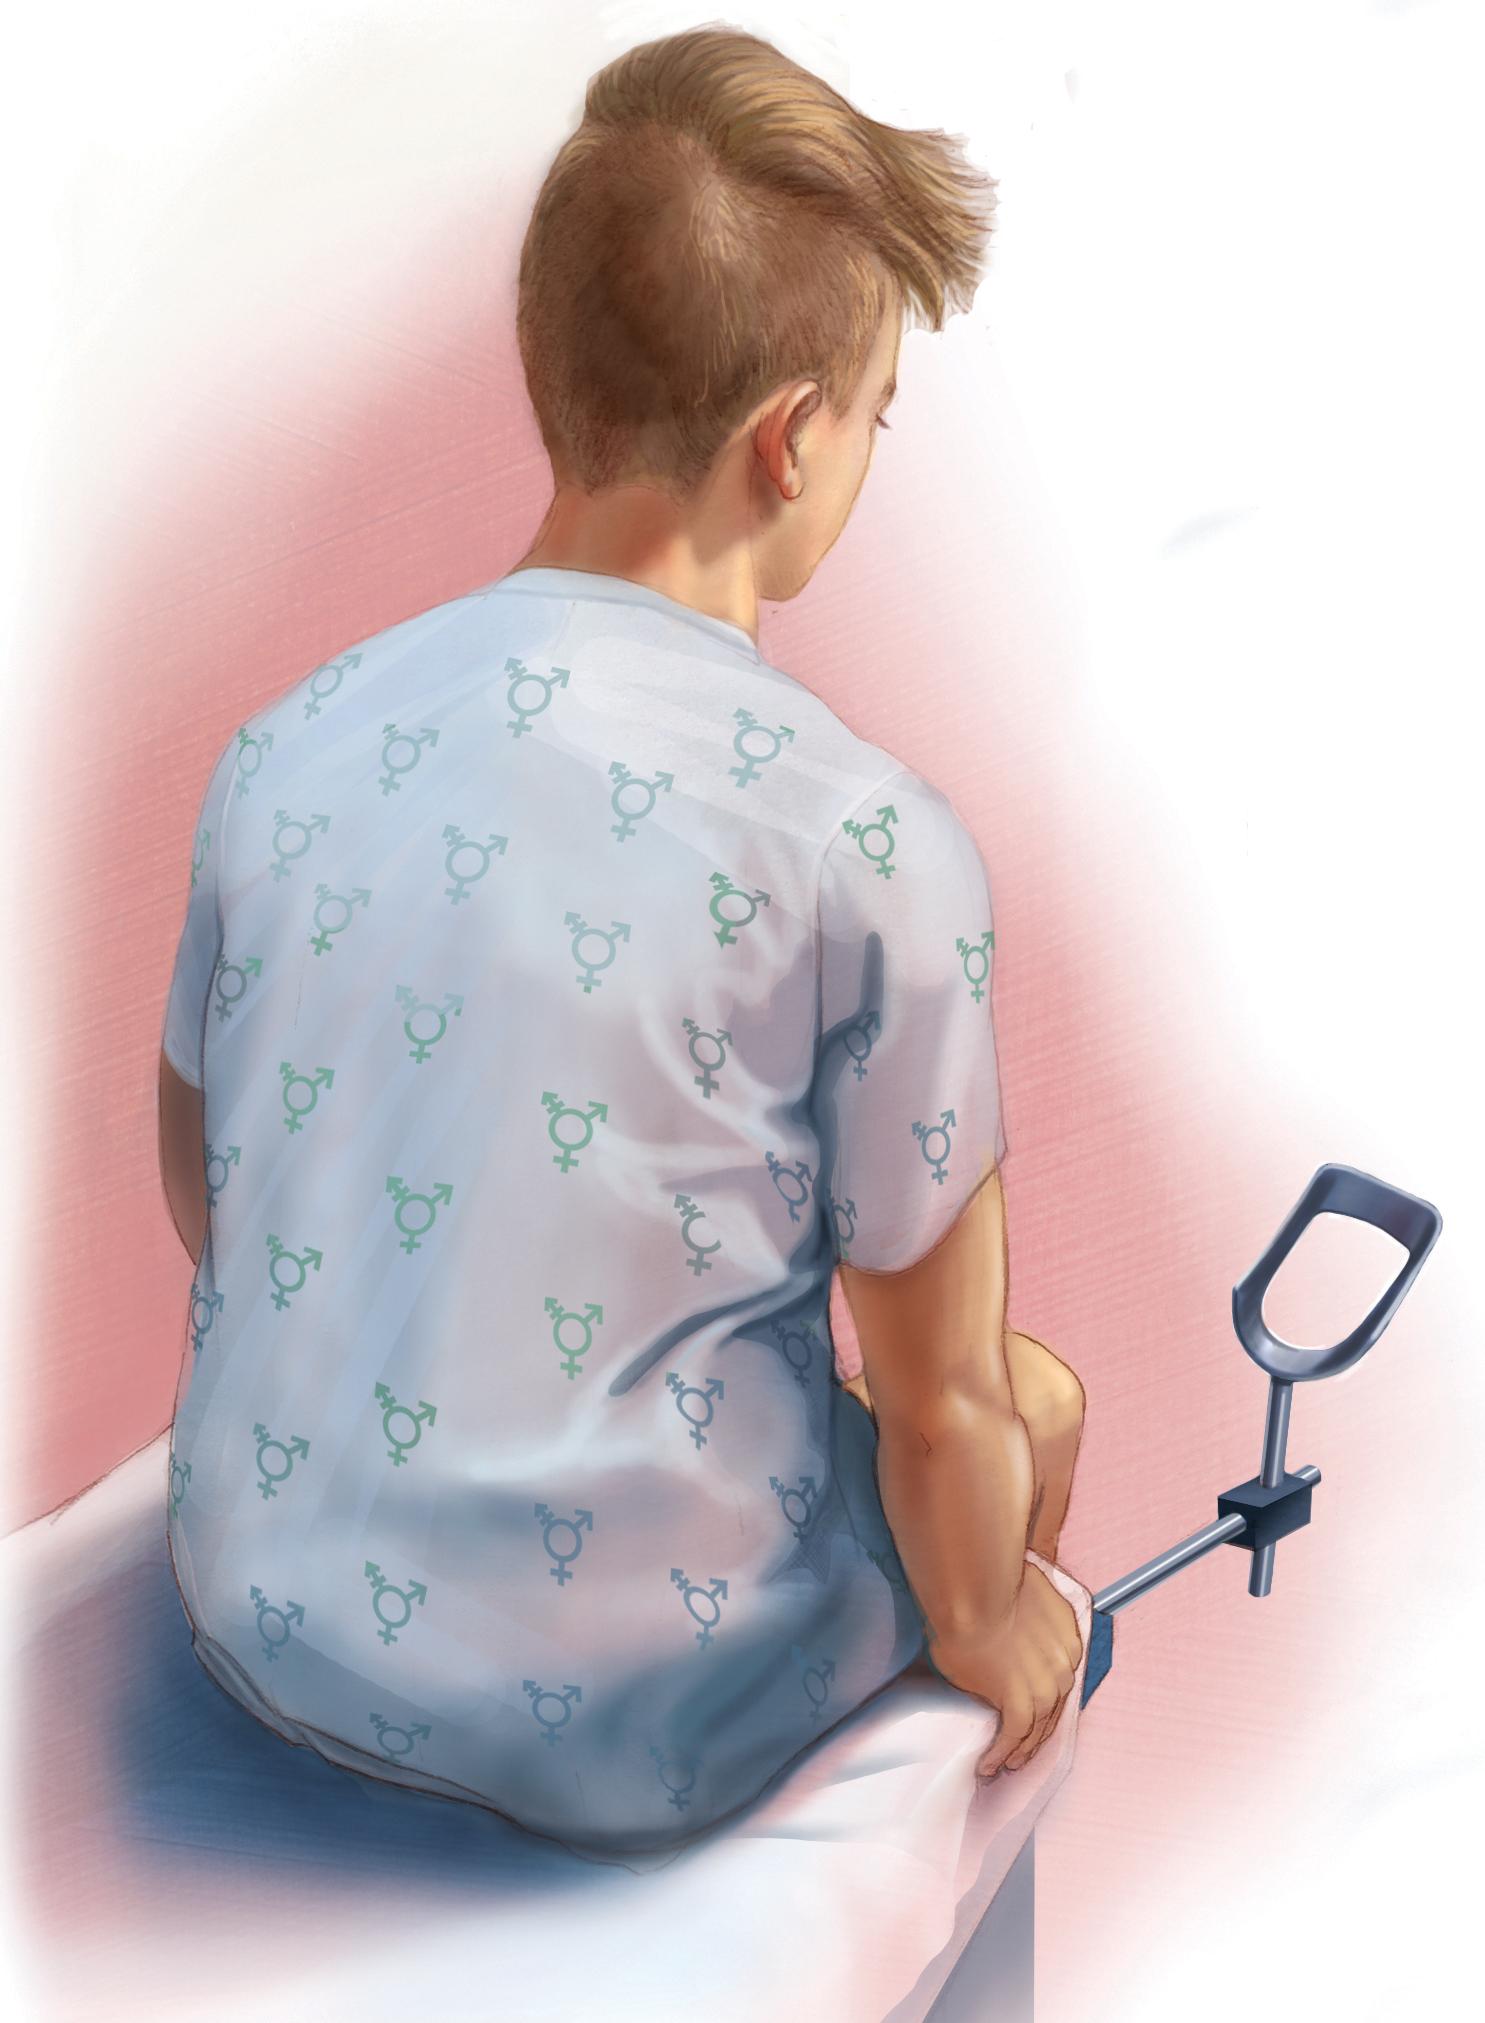 atención ginecológica hombre trans